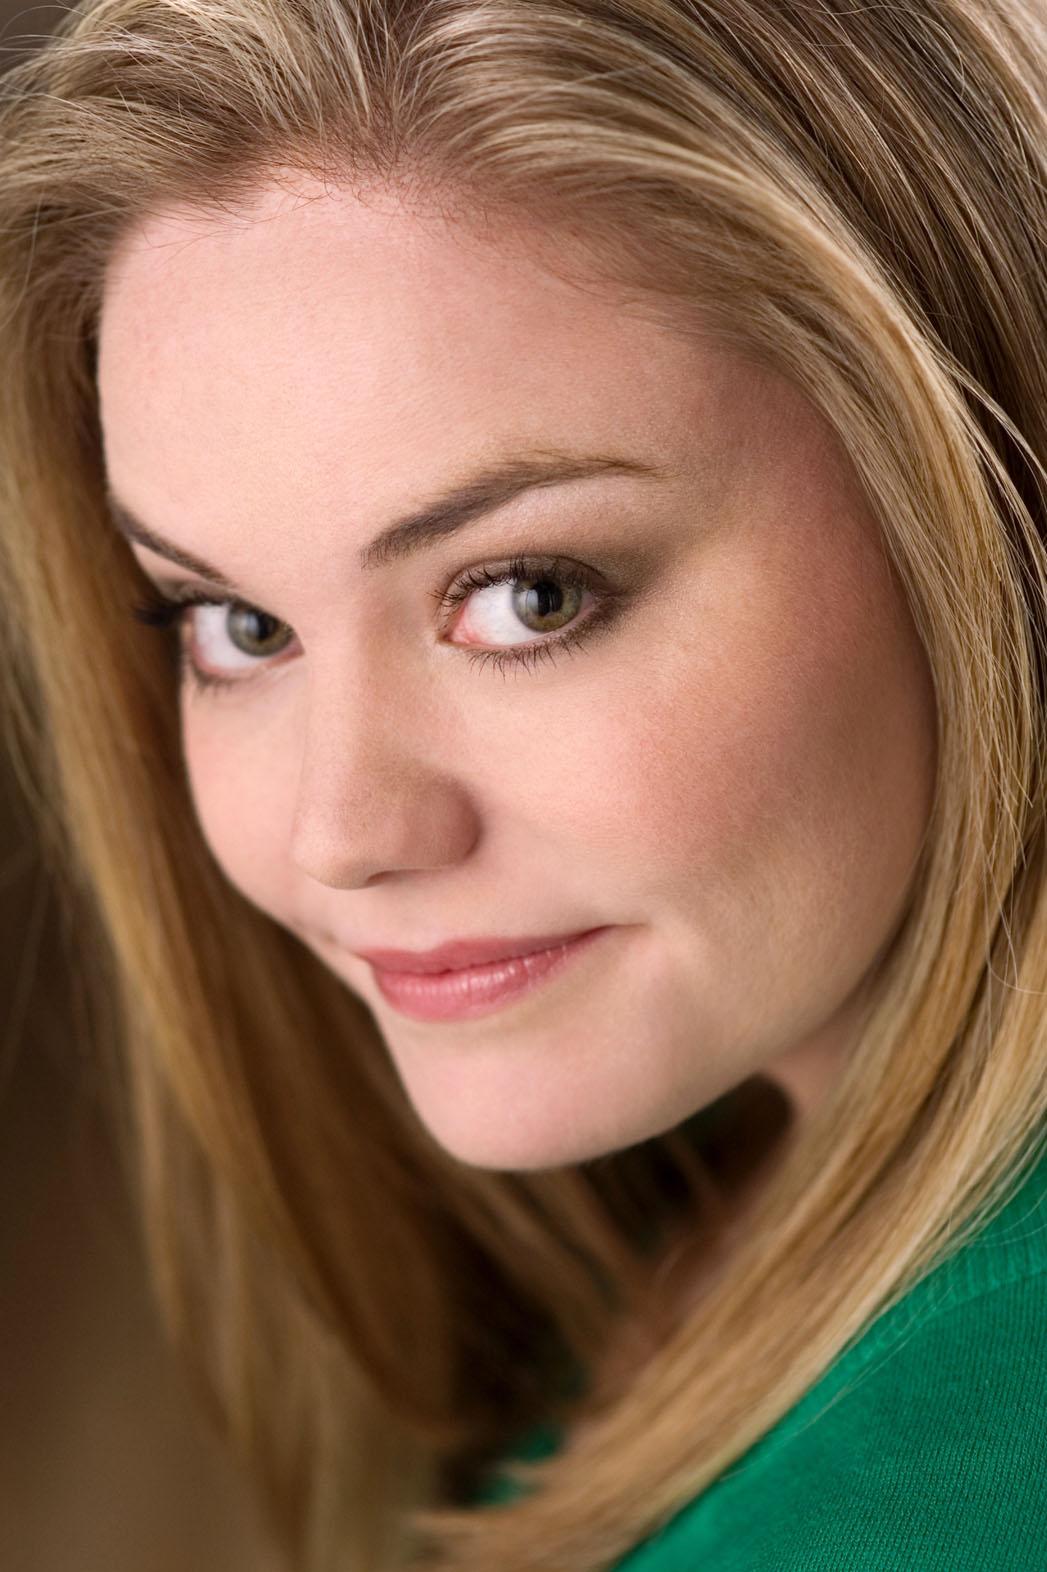 Kate Lambert Headshot - P 2014